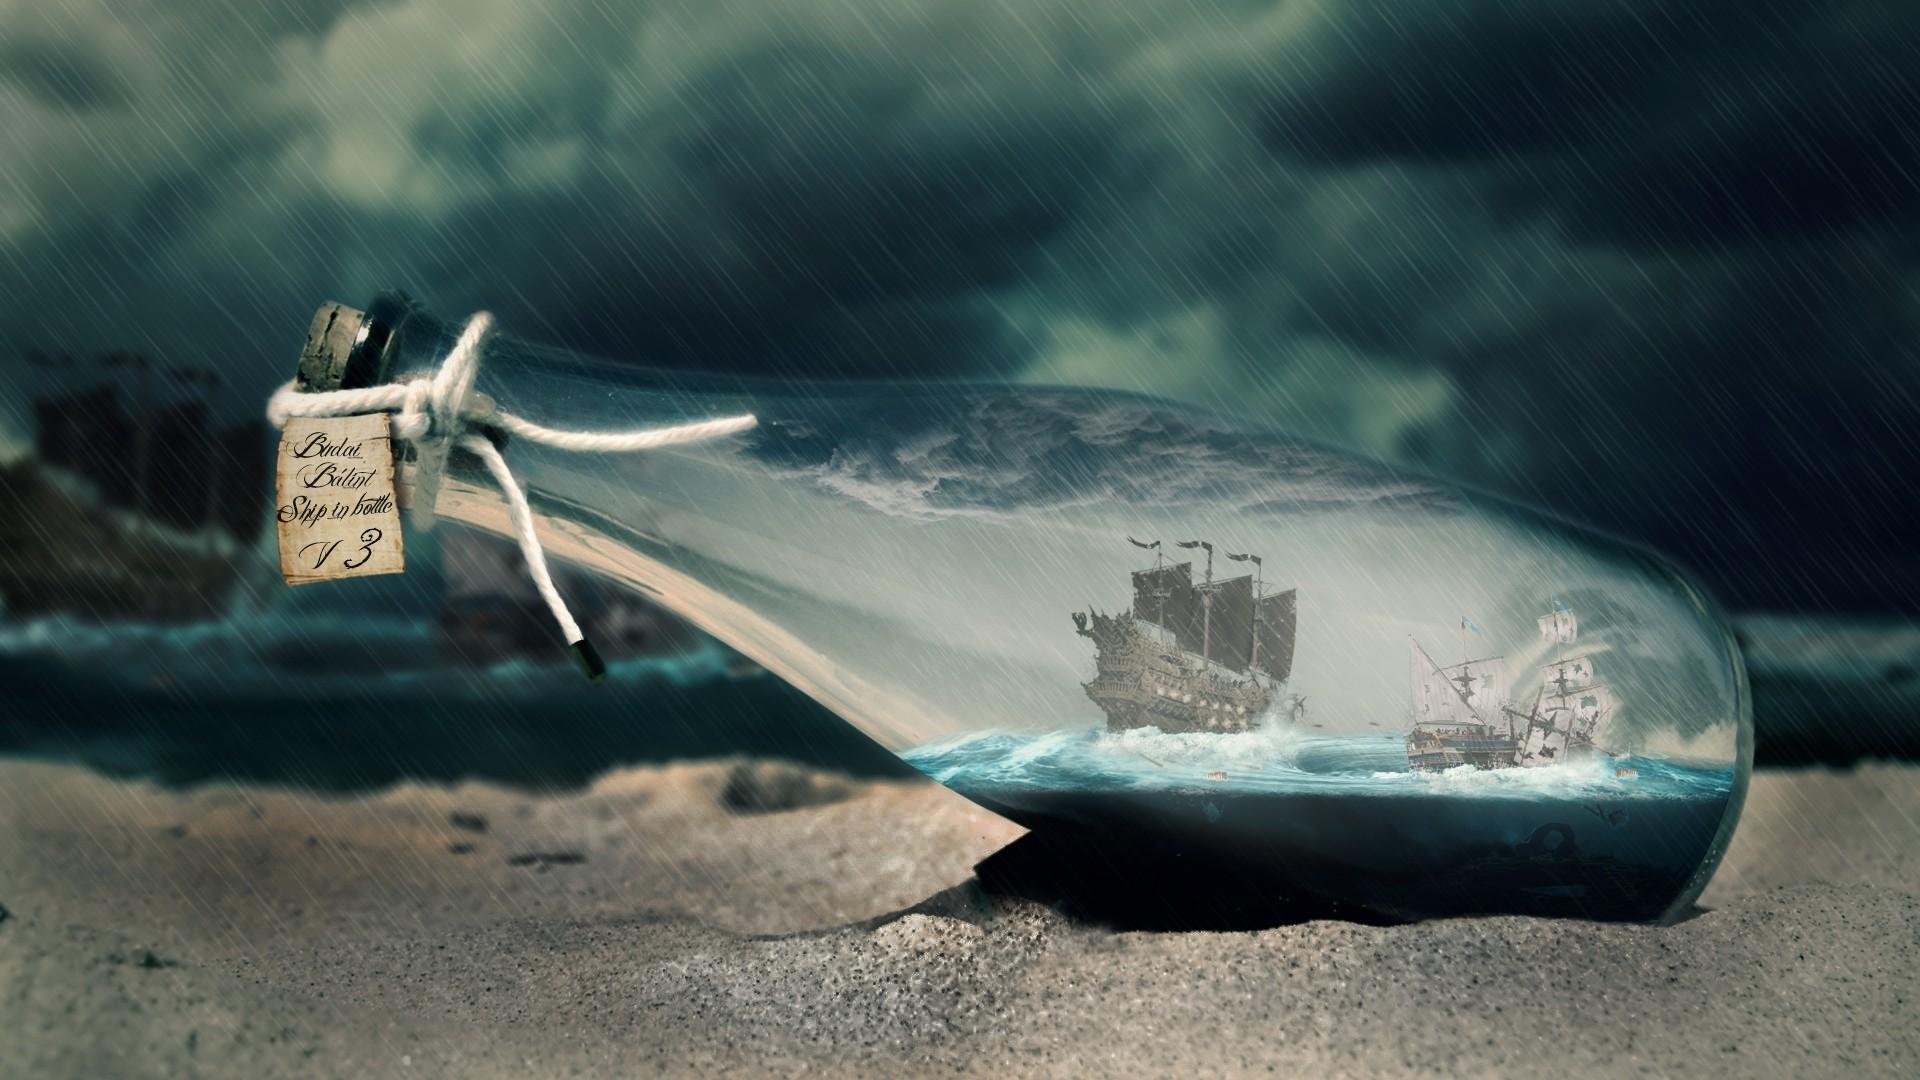 Ship In A Bottle PC Wallpaper HD